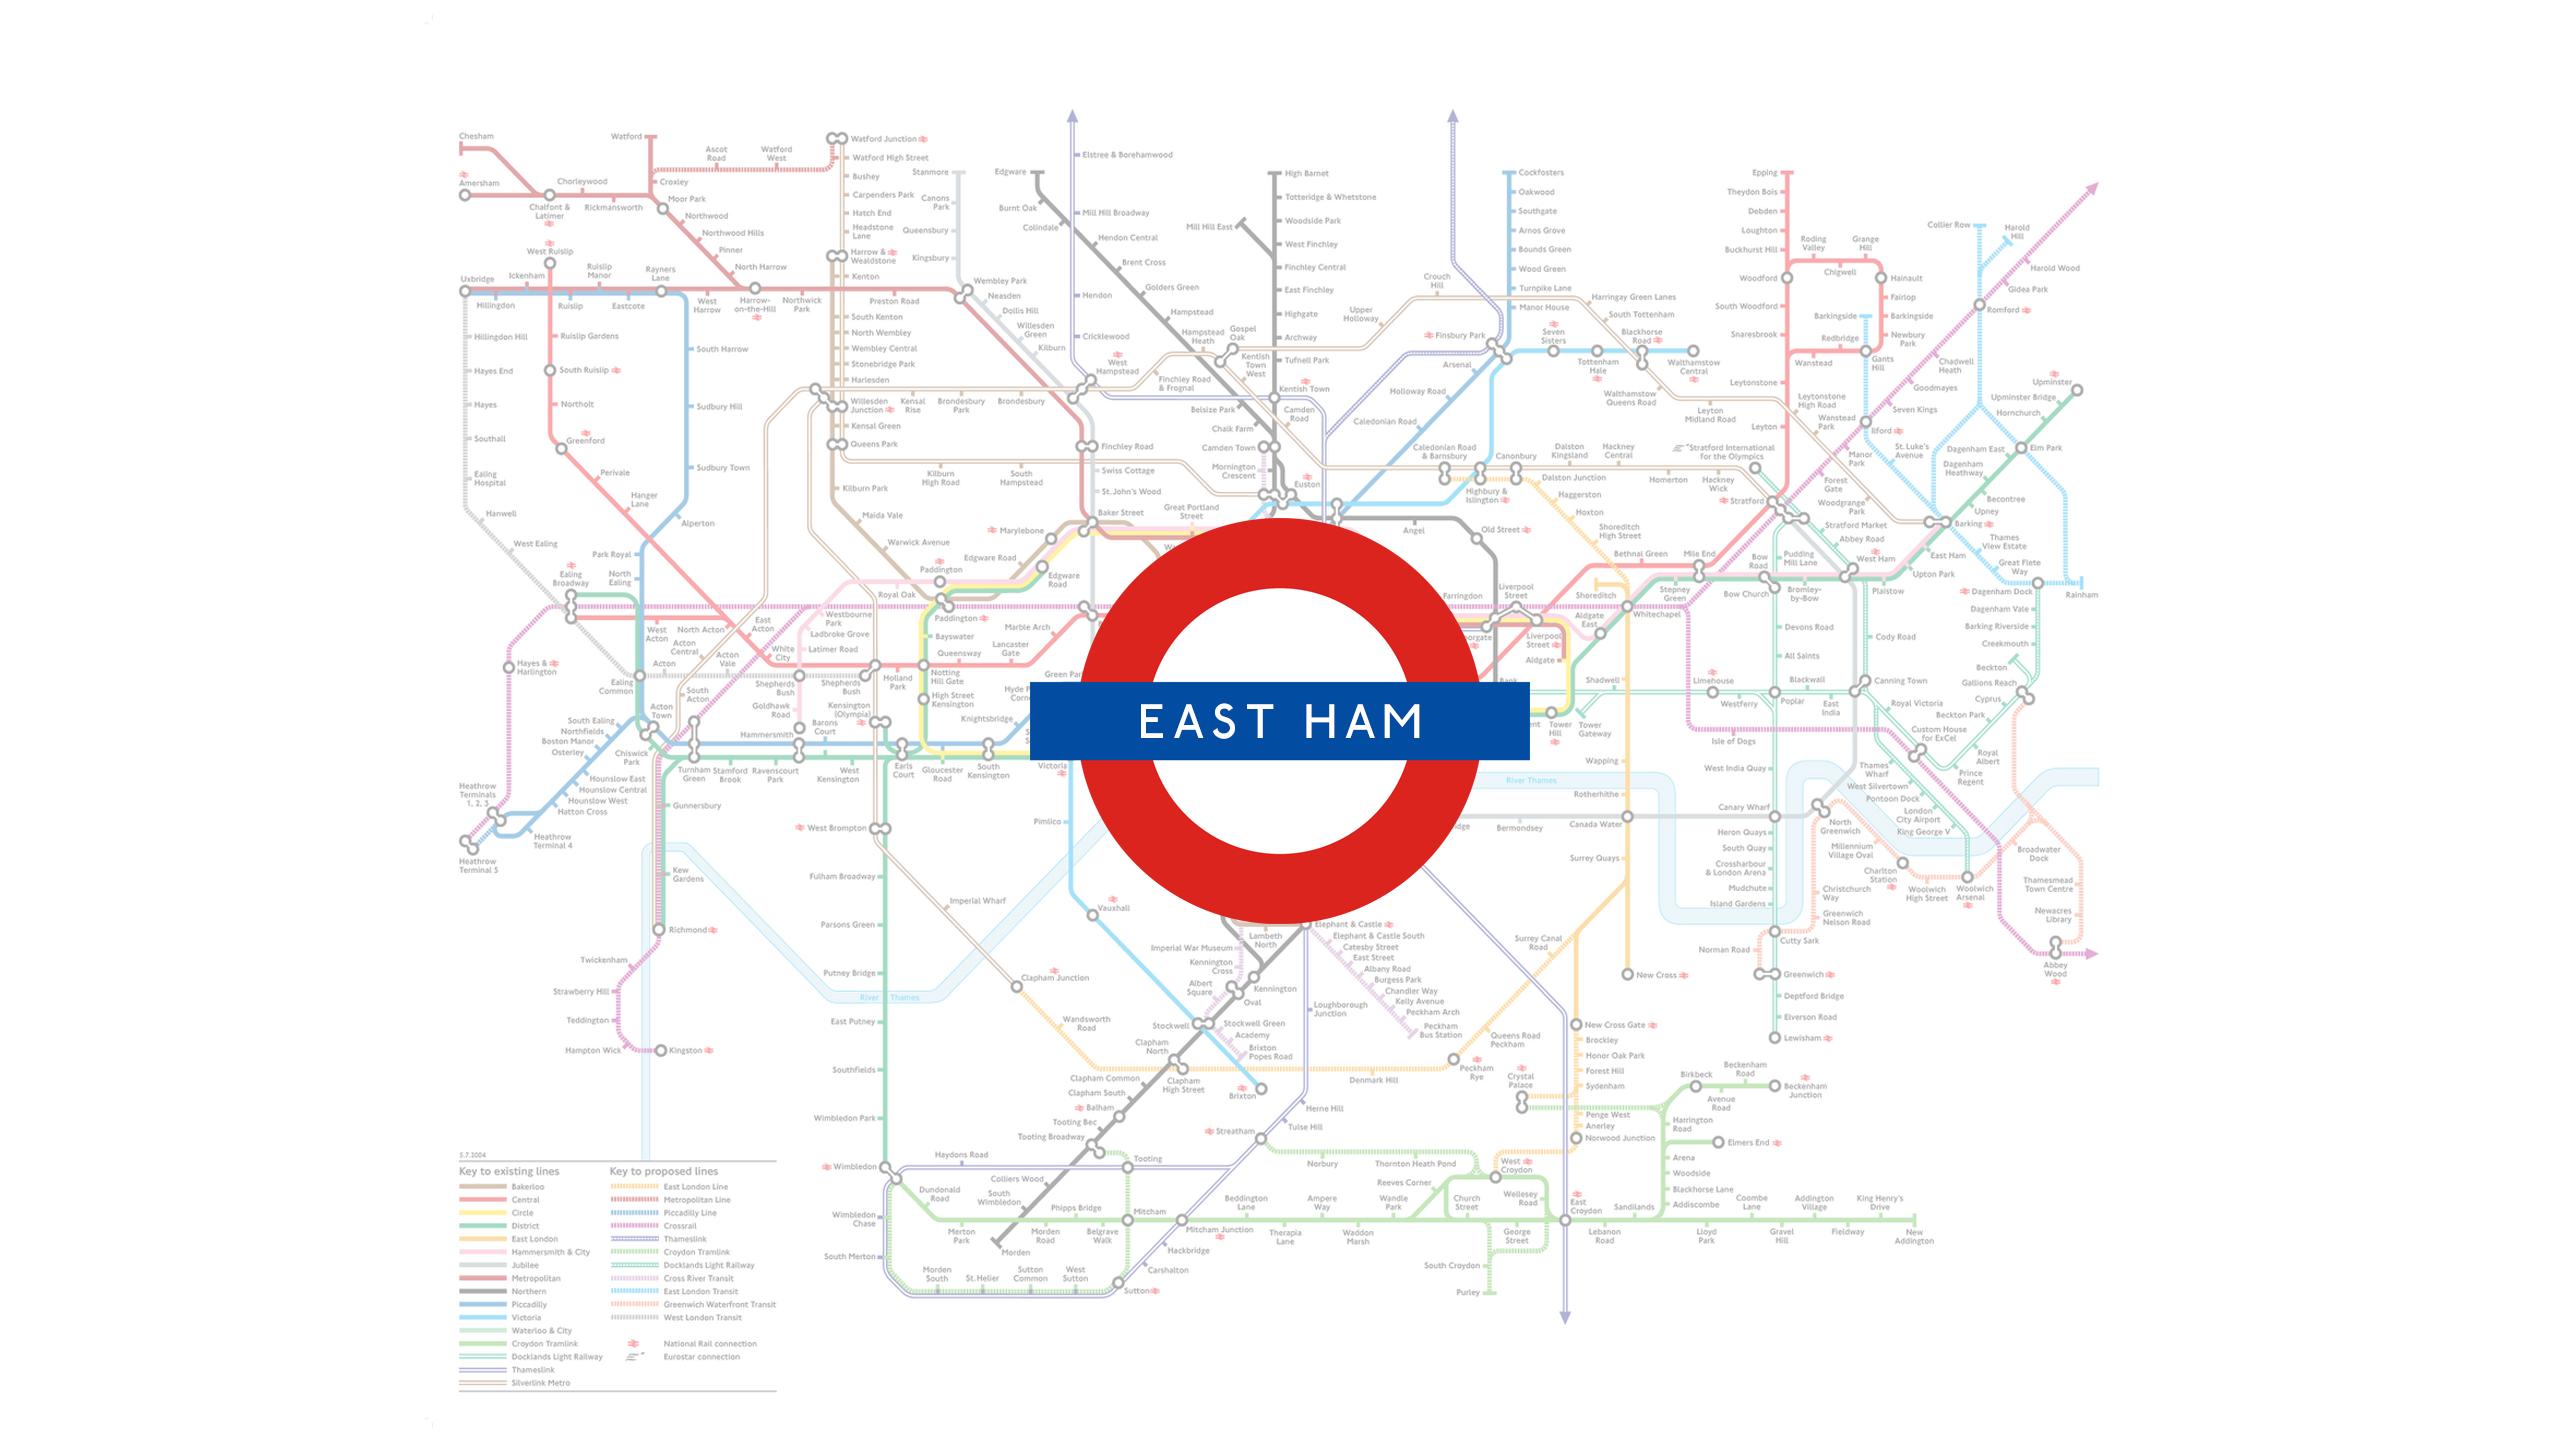 East Ham (Map)